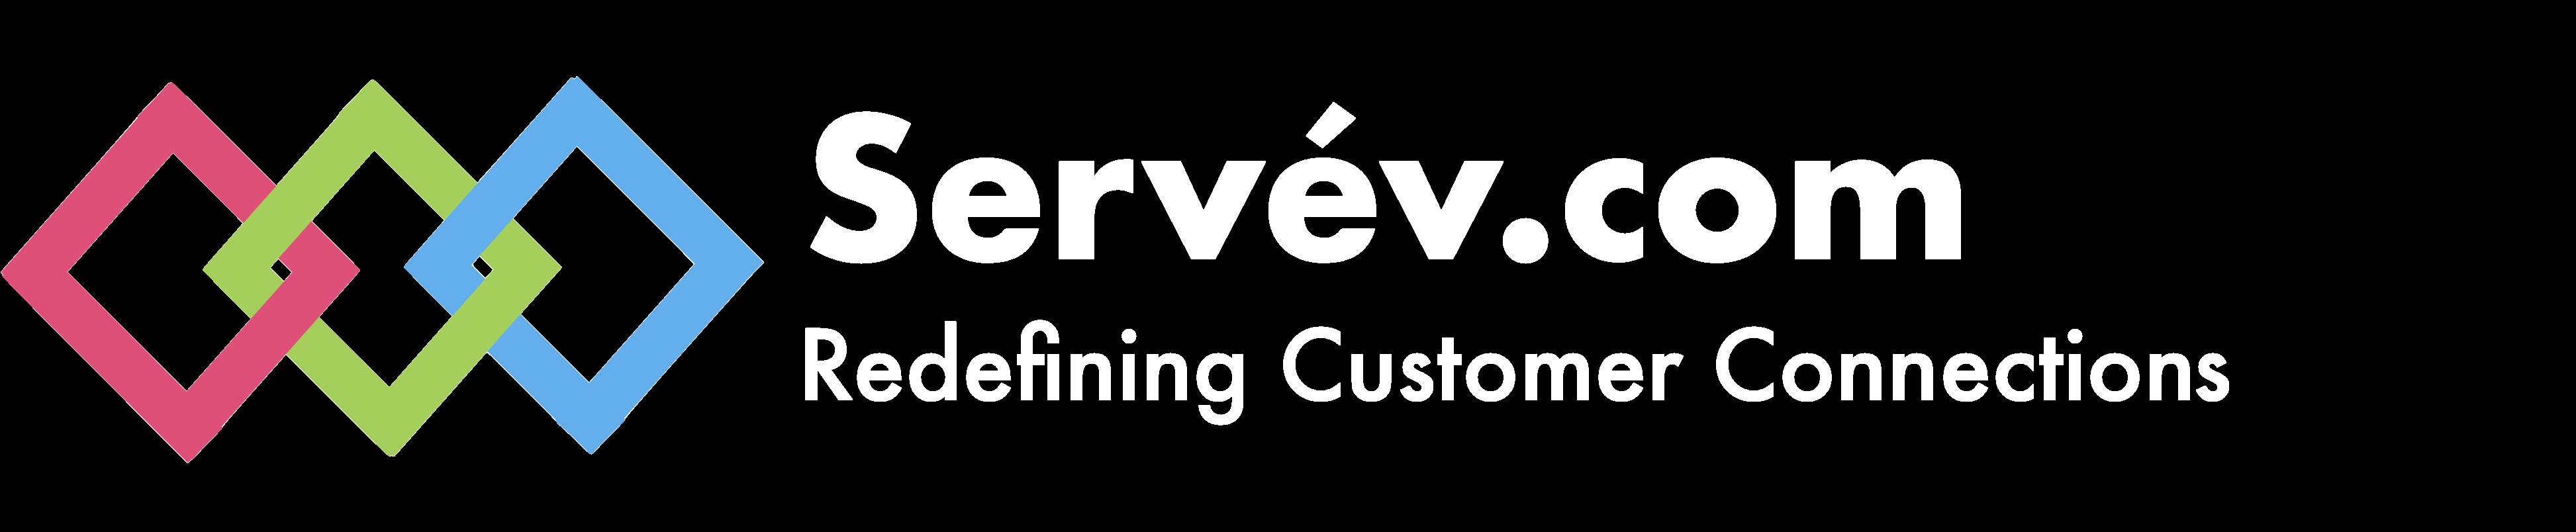 servev.com